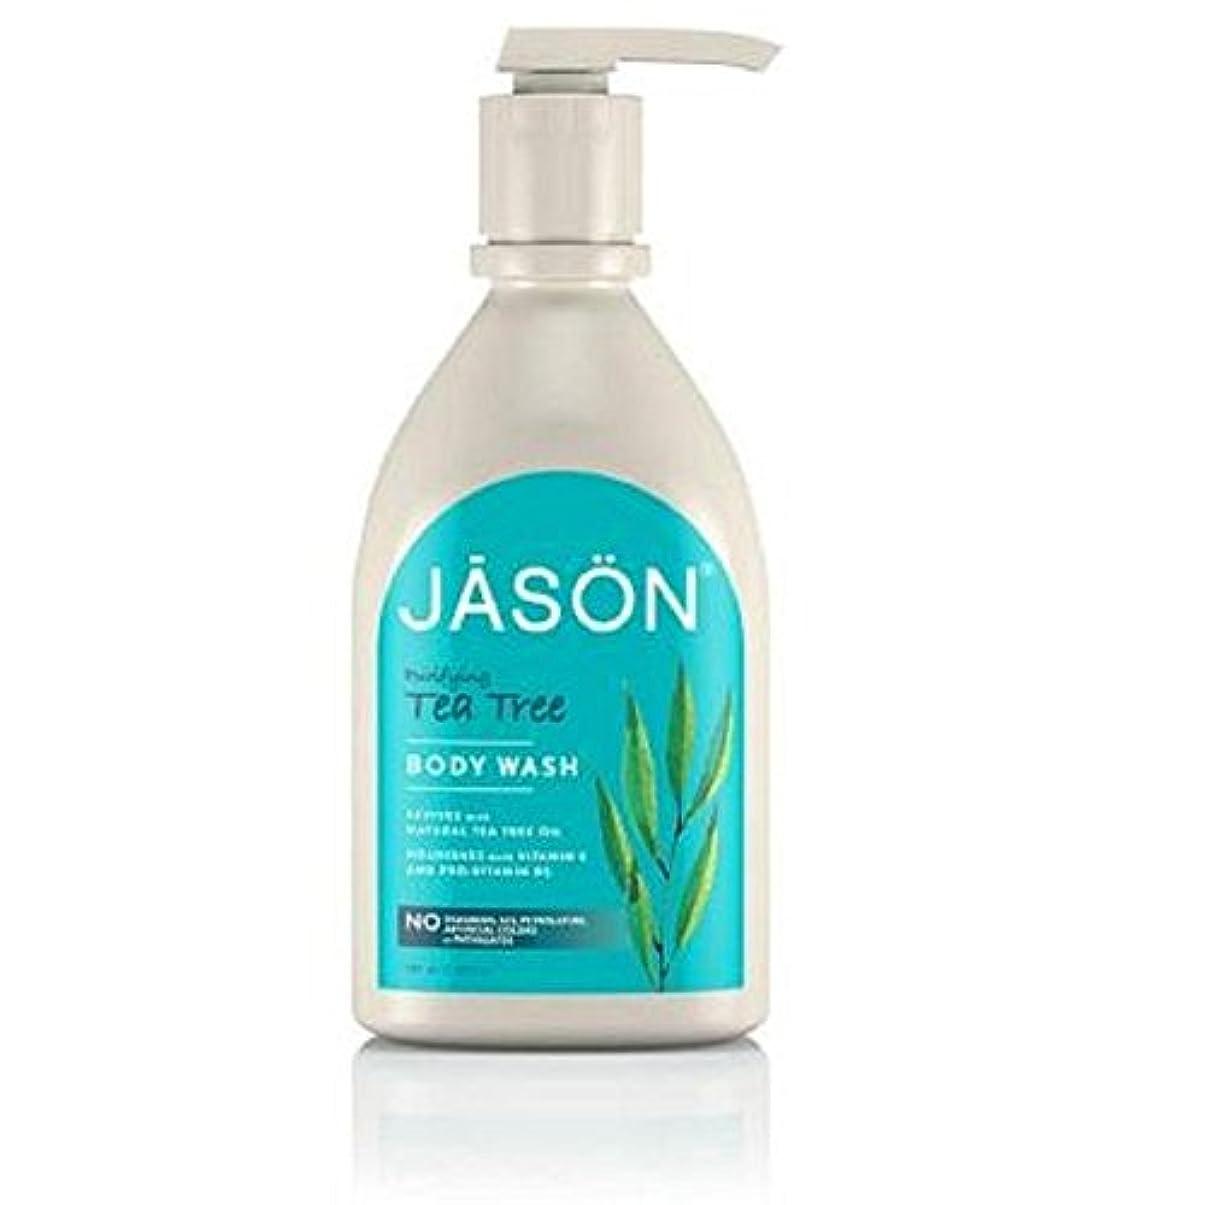 ハードリング直感議題Jason Tea Tree Satin Body Wash Pump 900ml (Pack of 6) - ジェイソン?ティーツリーサテンボディウォッシュポンプ900ミリリットル x6 [並行輸入品]